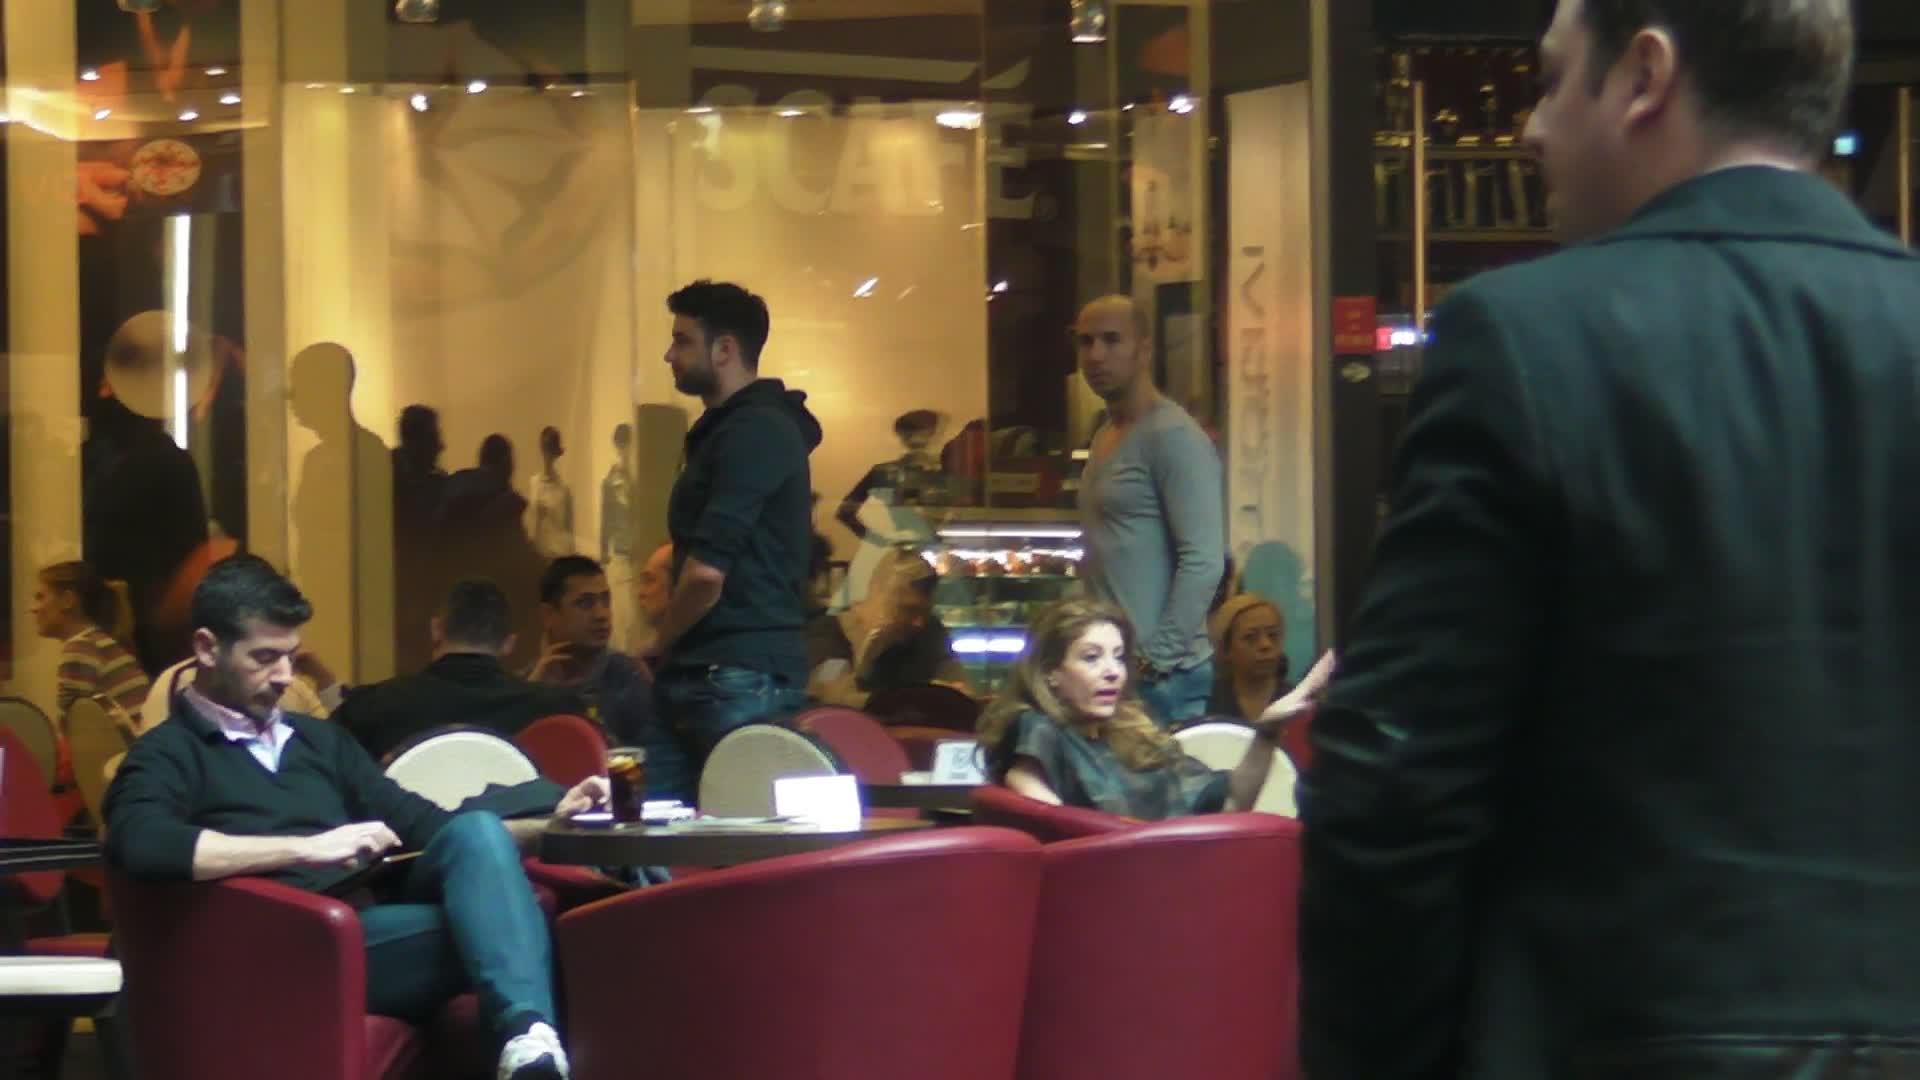 Dupa ce a stat cu un prieten la o cafea, magincianul s-a mai plimbar prin centrul comercial